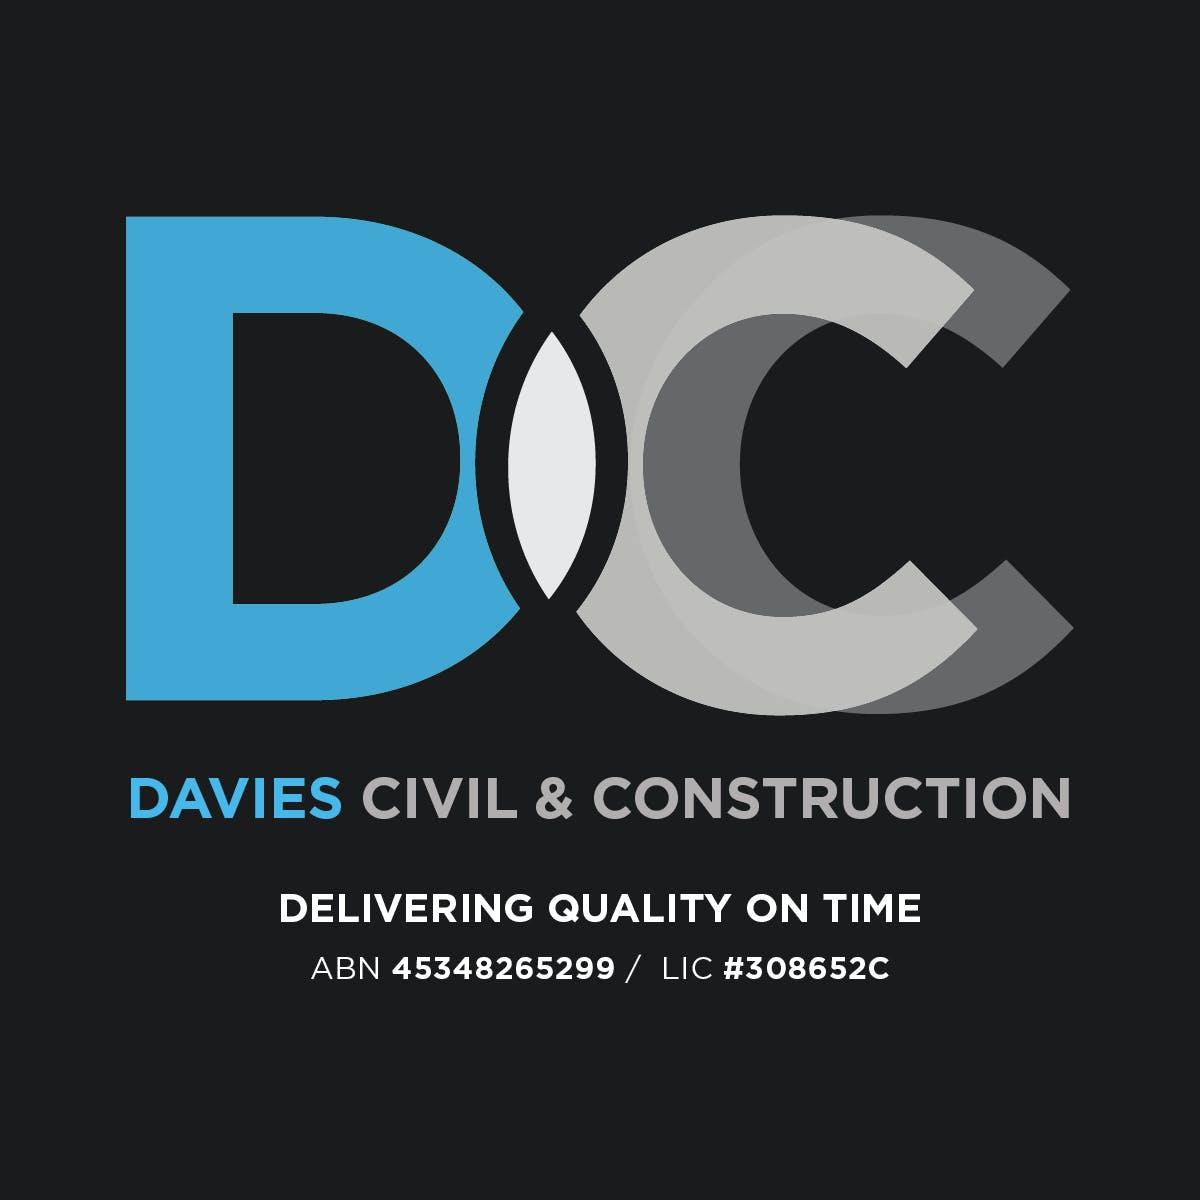 Davies civil